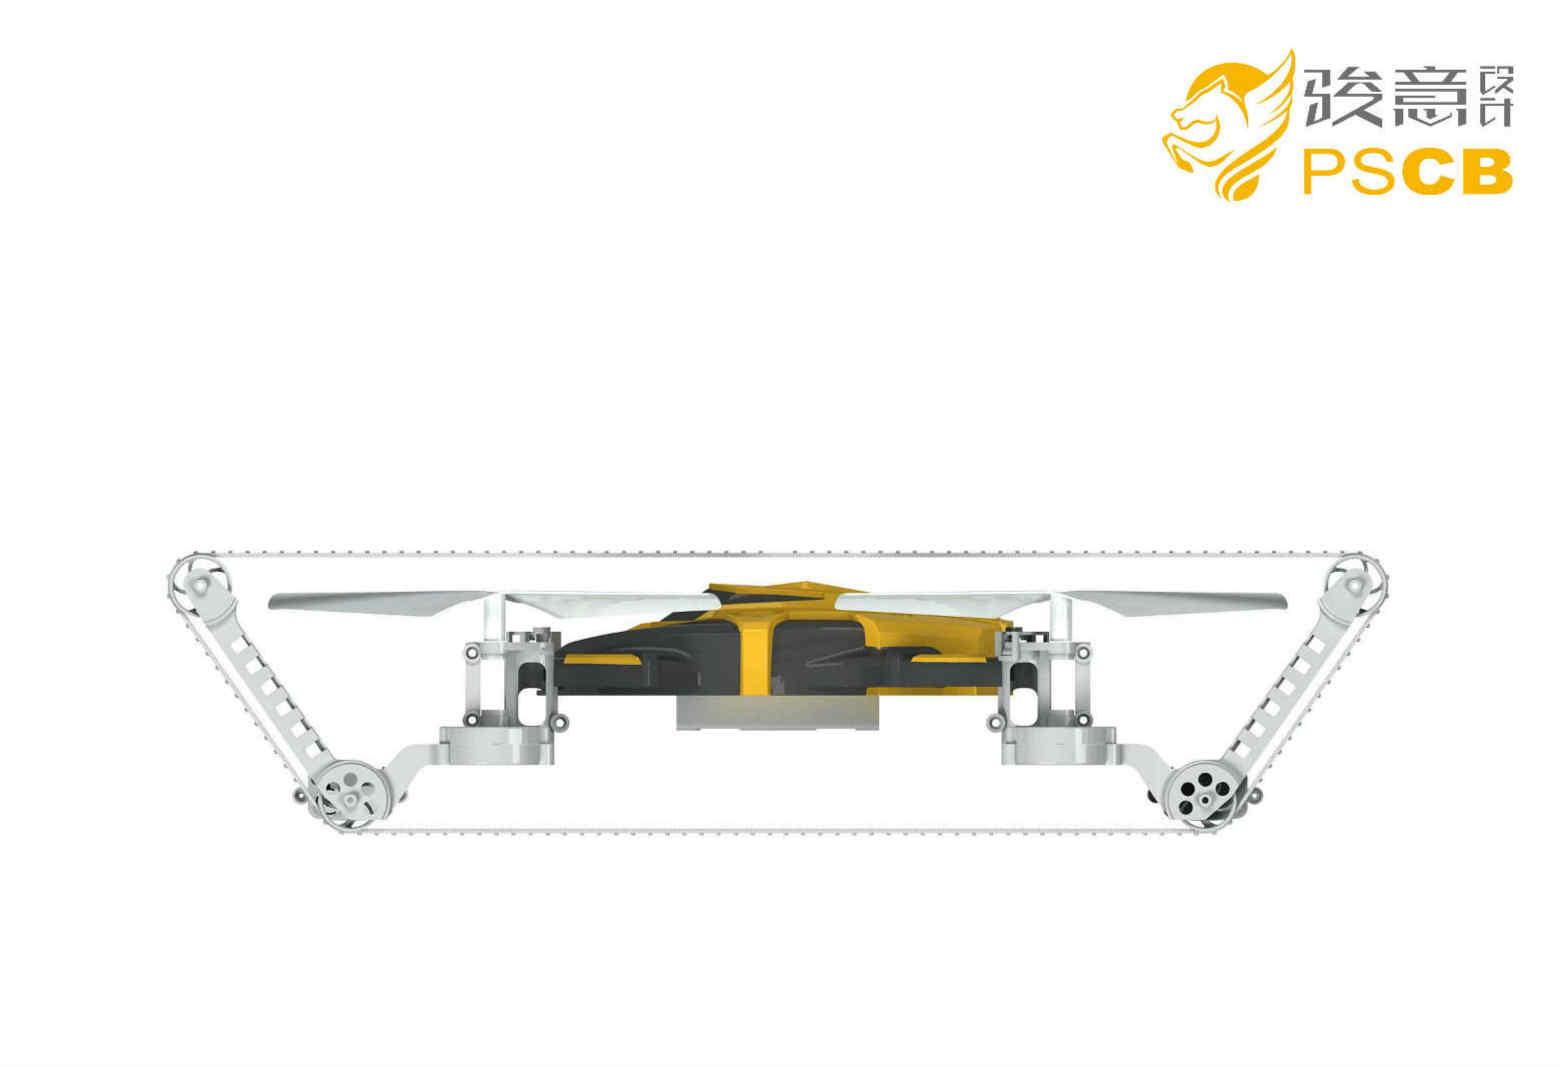 履带无人机设计